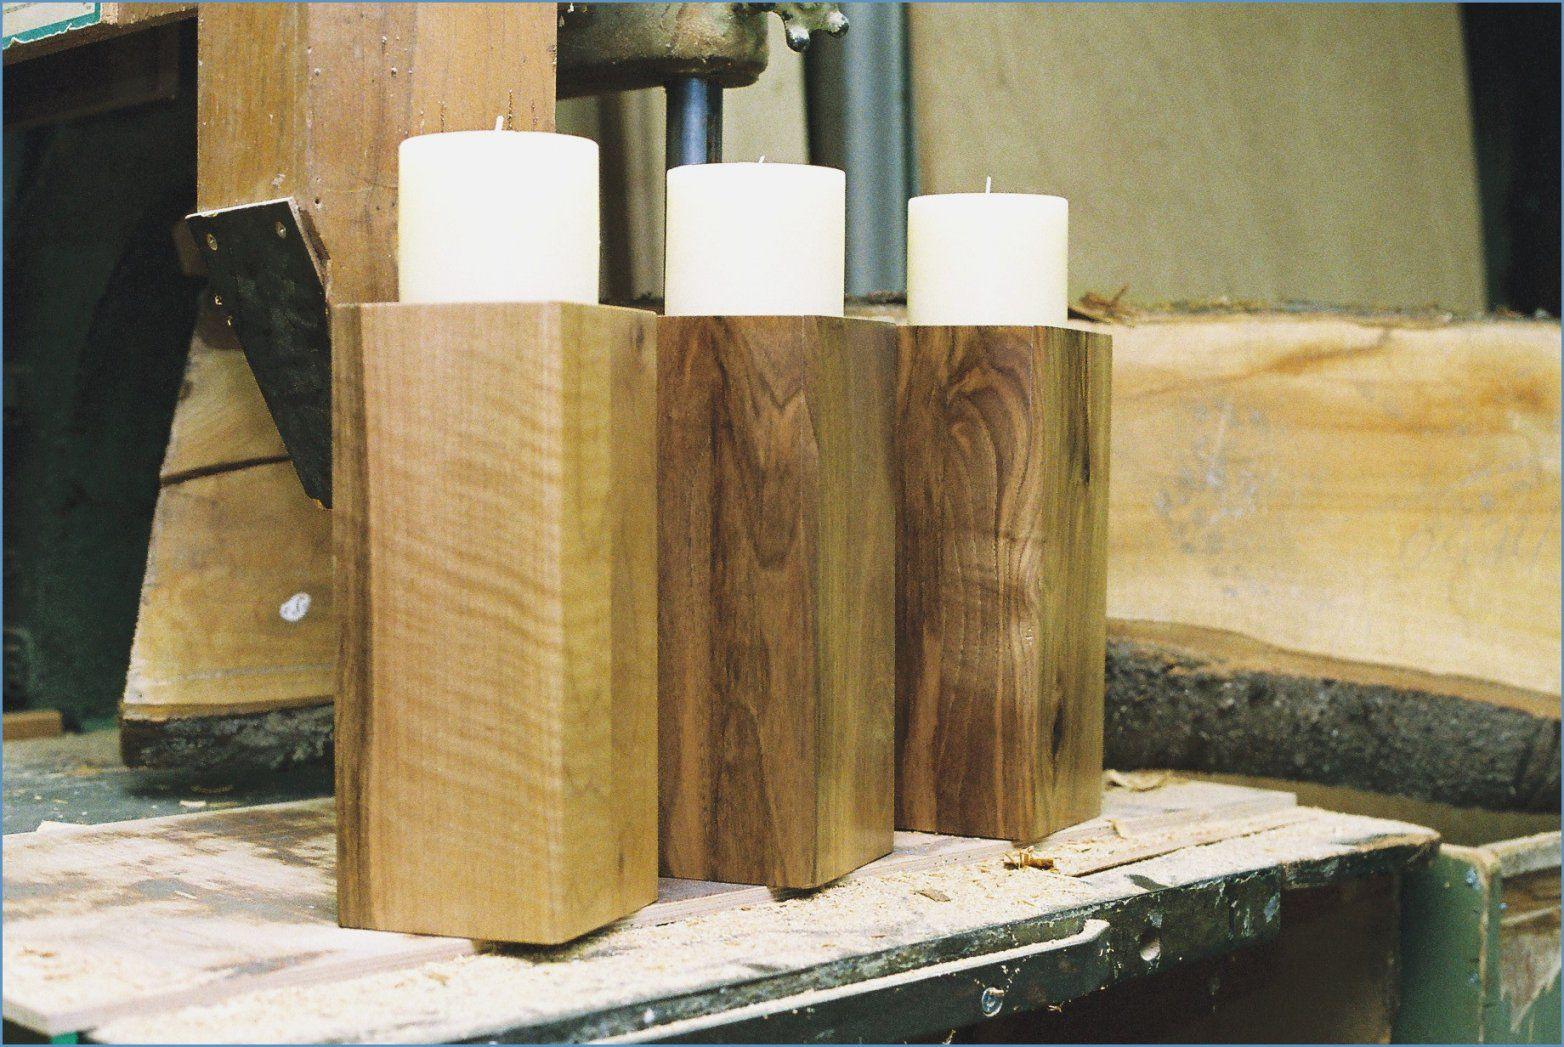 Holzscheiben Deko Selber Machen Mit Ideen Aus Holz Zum Selber Machen von Holz Kerzenständer Selber Machen Bild